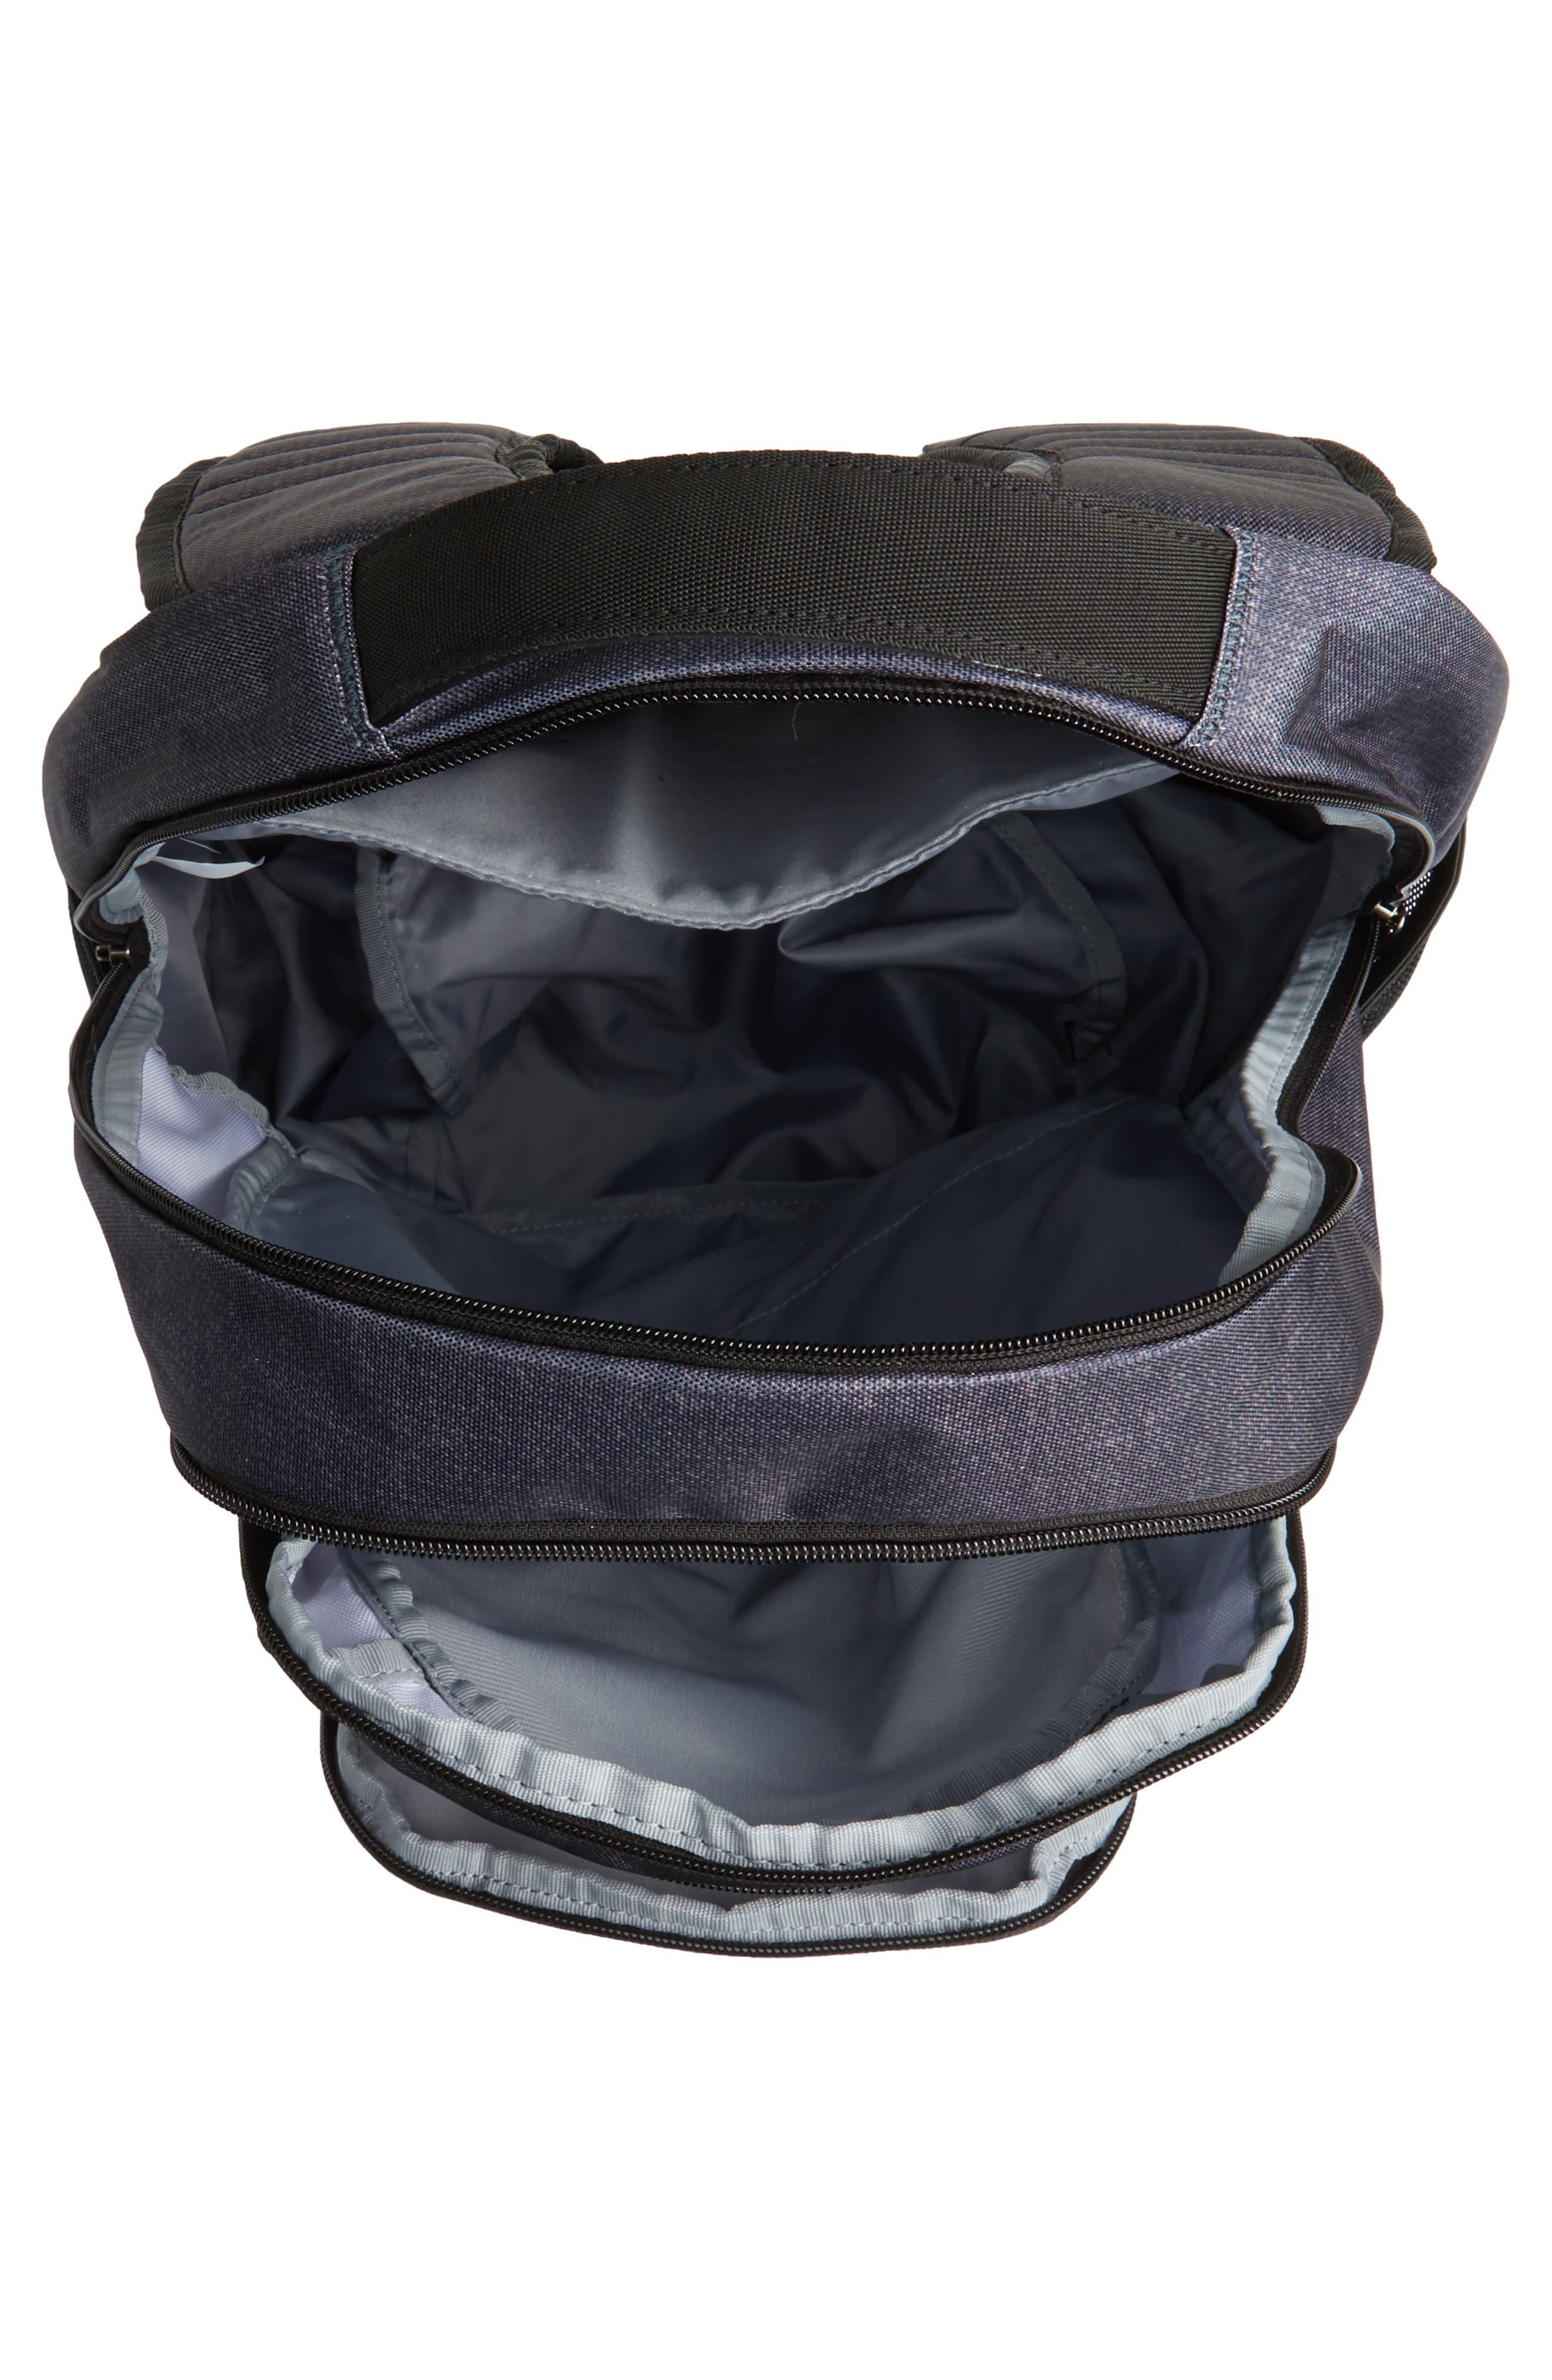 Alternate Image 3  - Under Armour Hustle 3.0 Backpack (Kids)